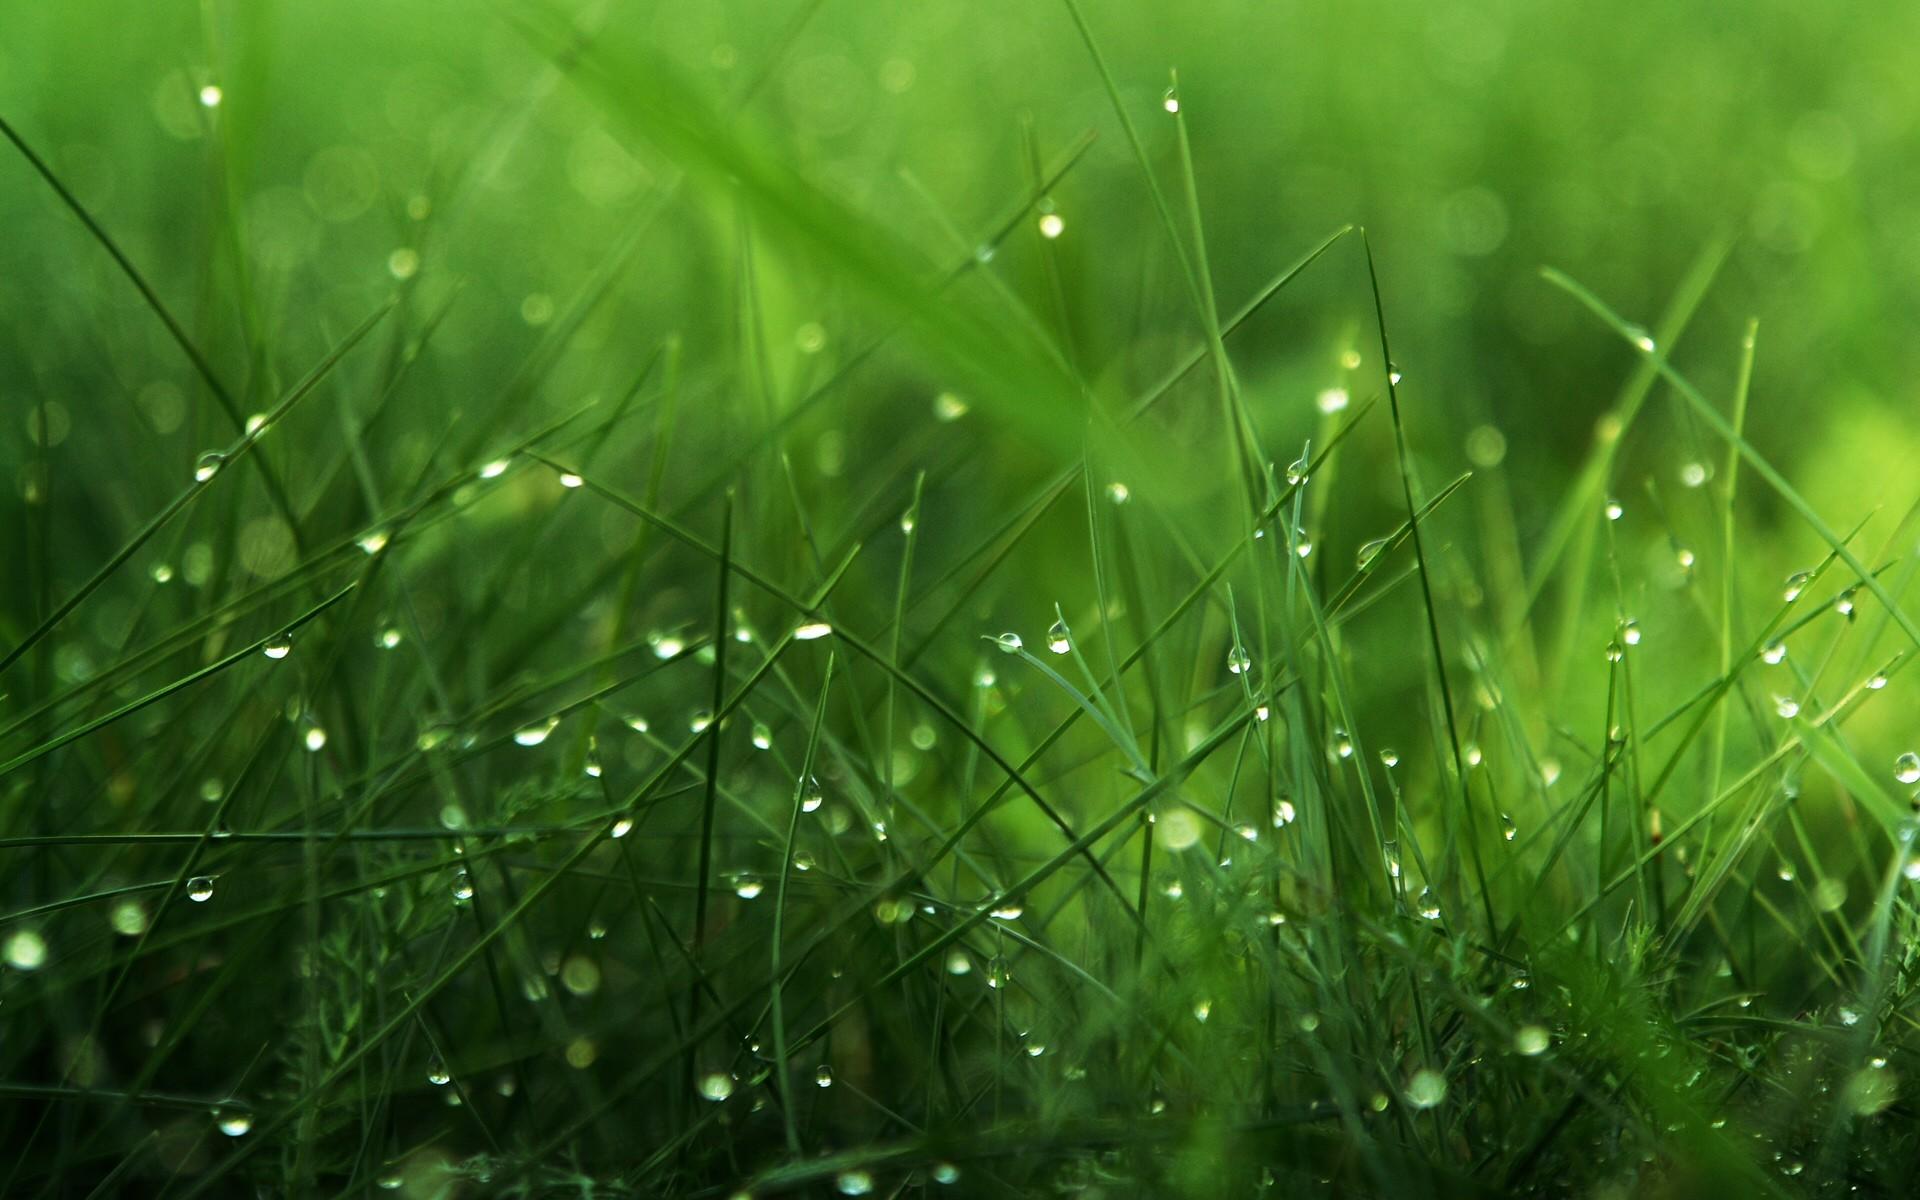 роса на траве  № 2510368 загрузить